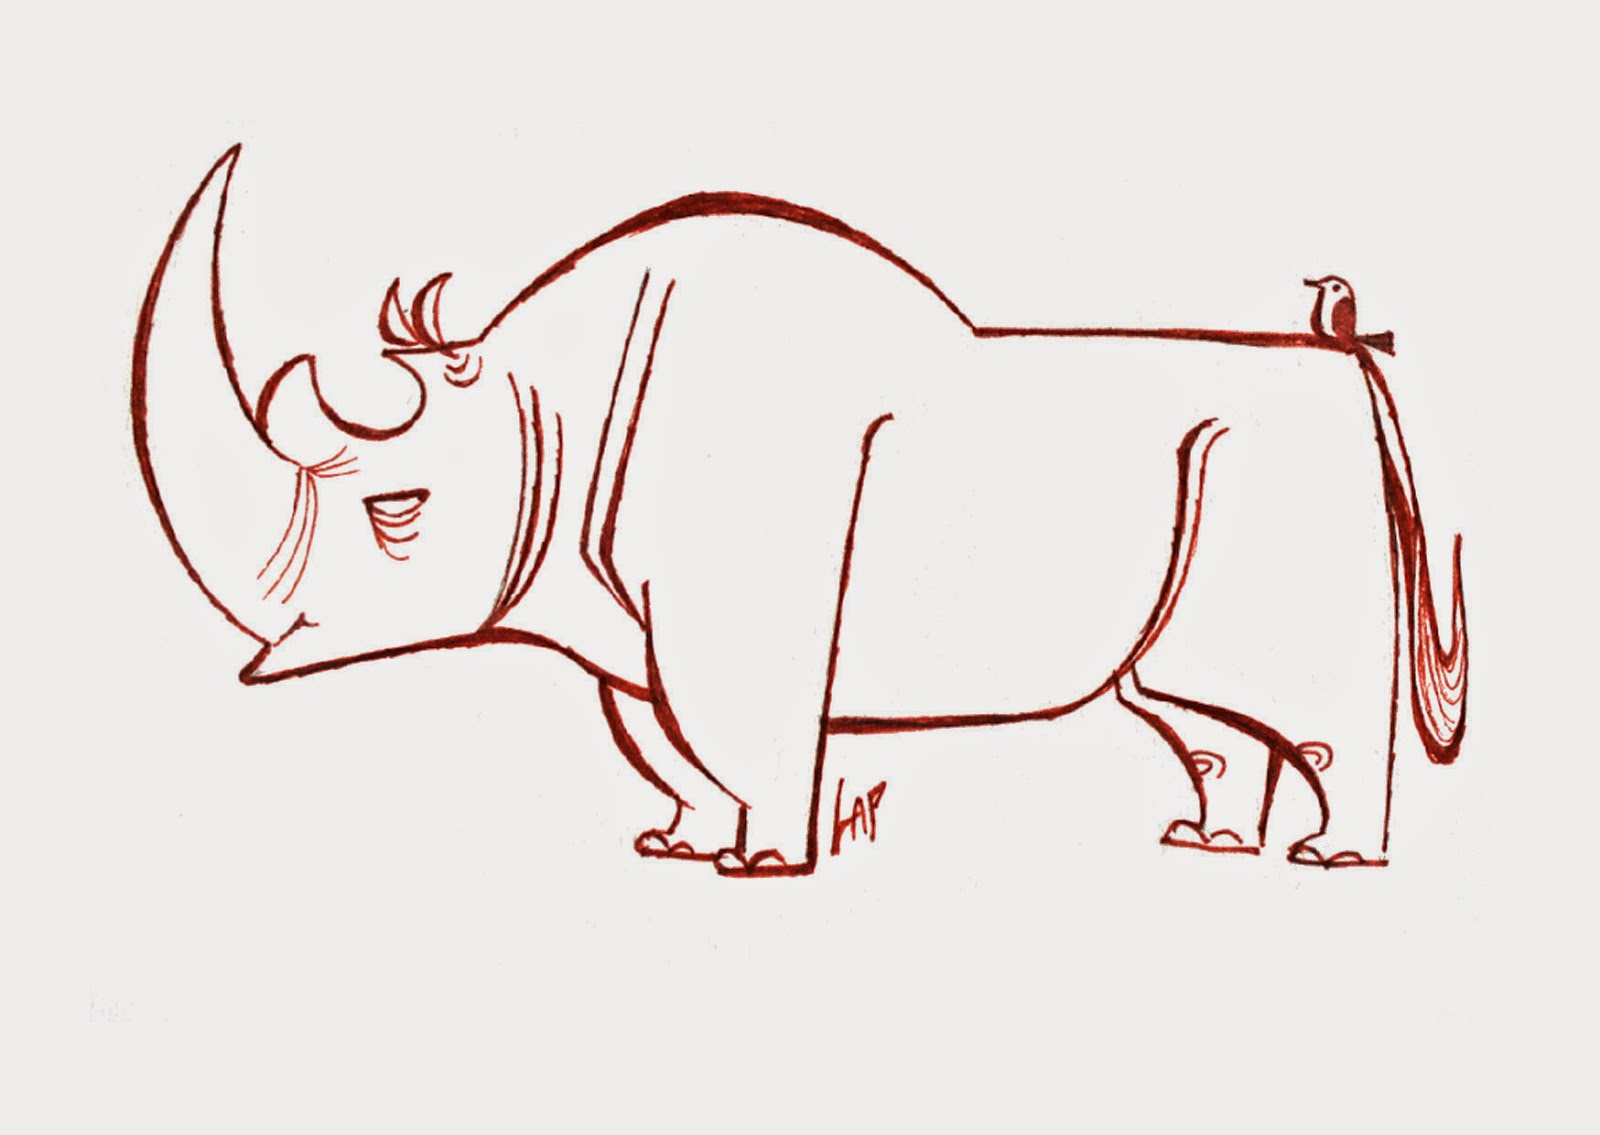 004_Rhino_p2.jpg